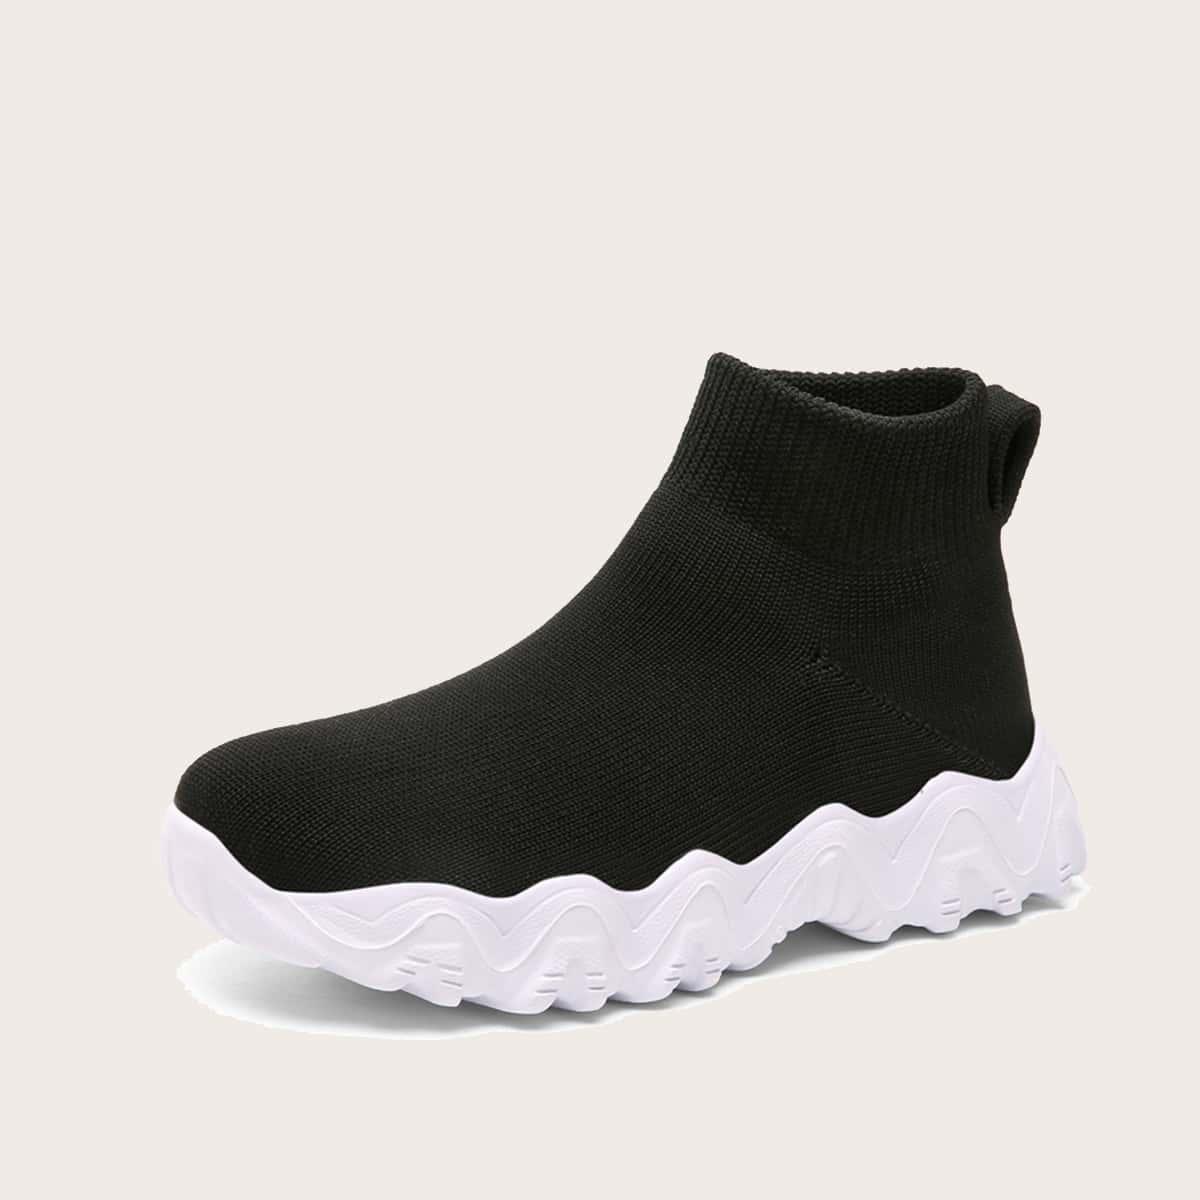 Минималистичные кроссовки для мальчиков SheIn sk2107025213608068